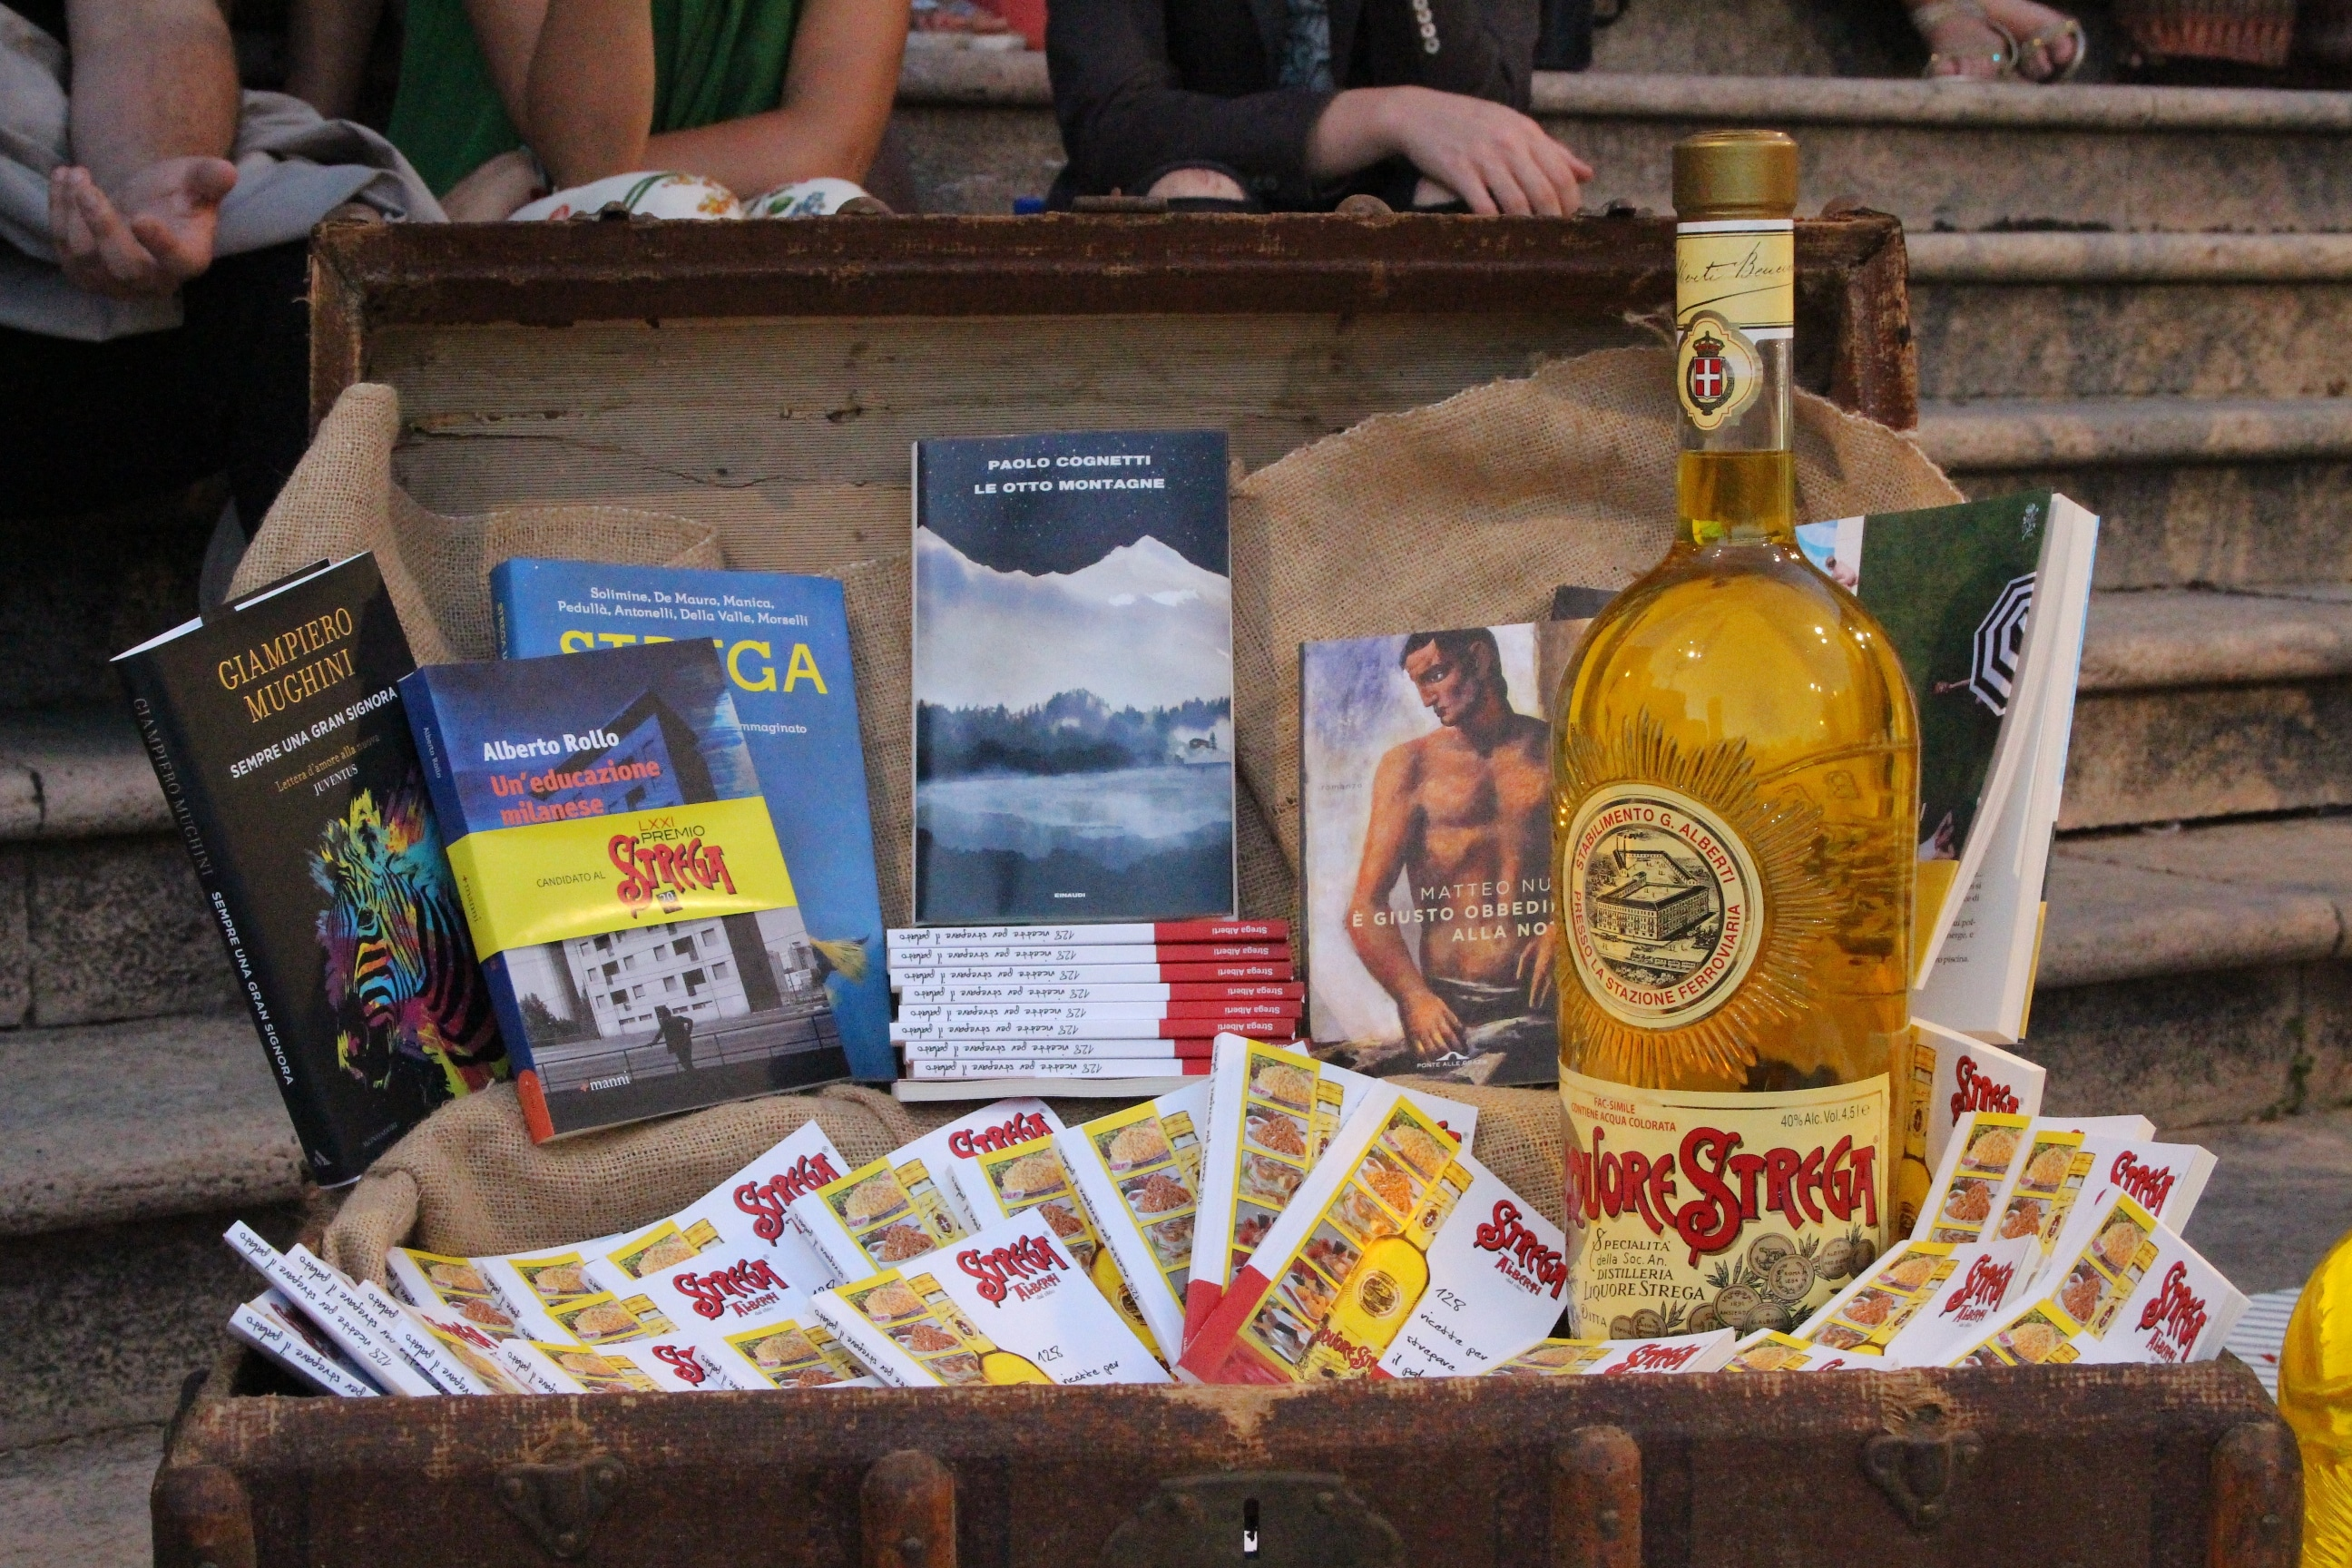 Un'estate di grandi eventi a Cervo, con il programma del Festival di Musica da Camera e i nuovi appuntamenti con Cervo ti Strega